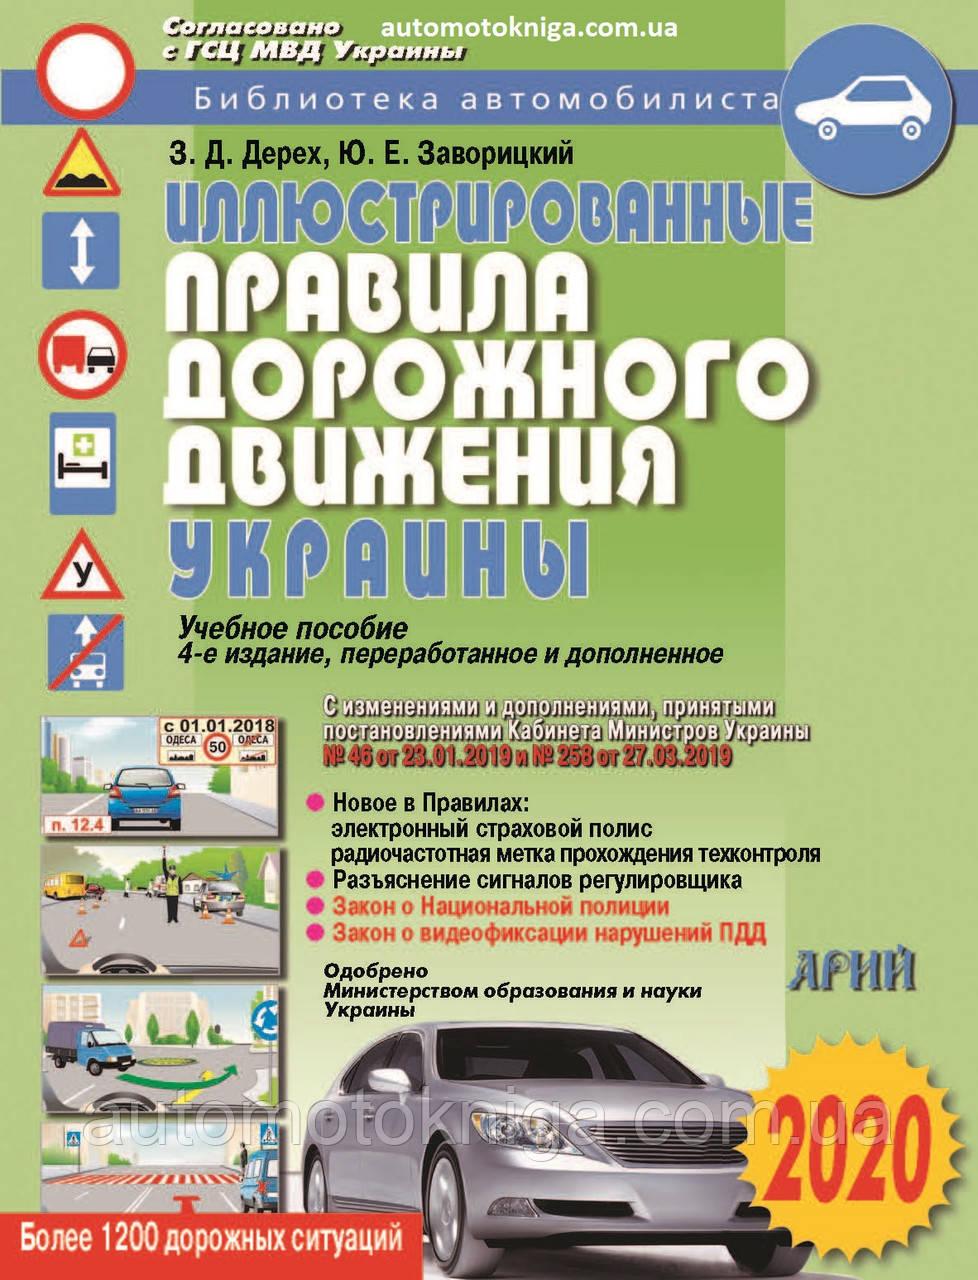 Иллюстрированные  Правила Дорожного Движения Украины  2020  4-е издание   З.Д. Дерех  Ю.Е. Заворицкий